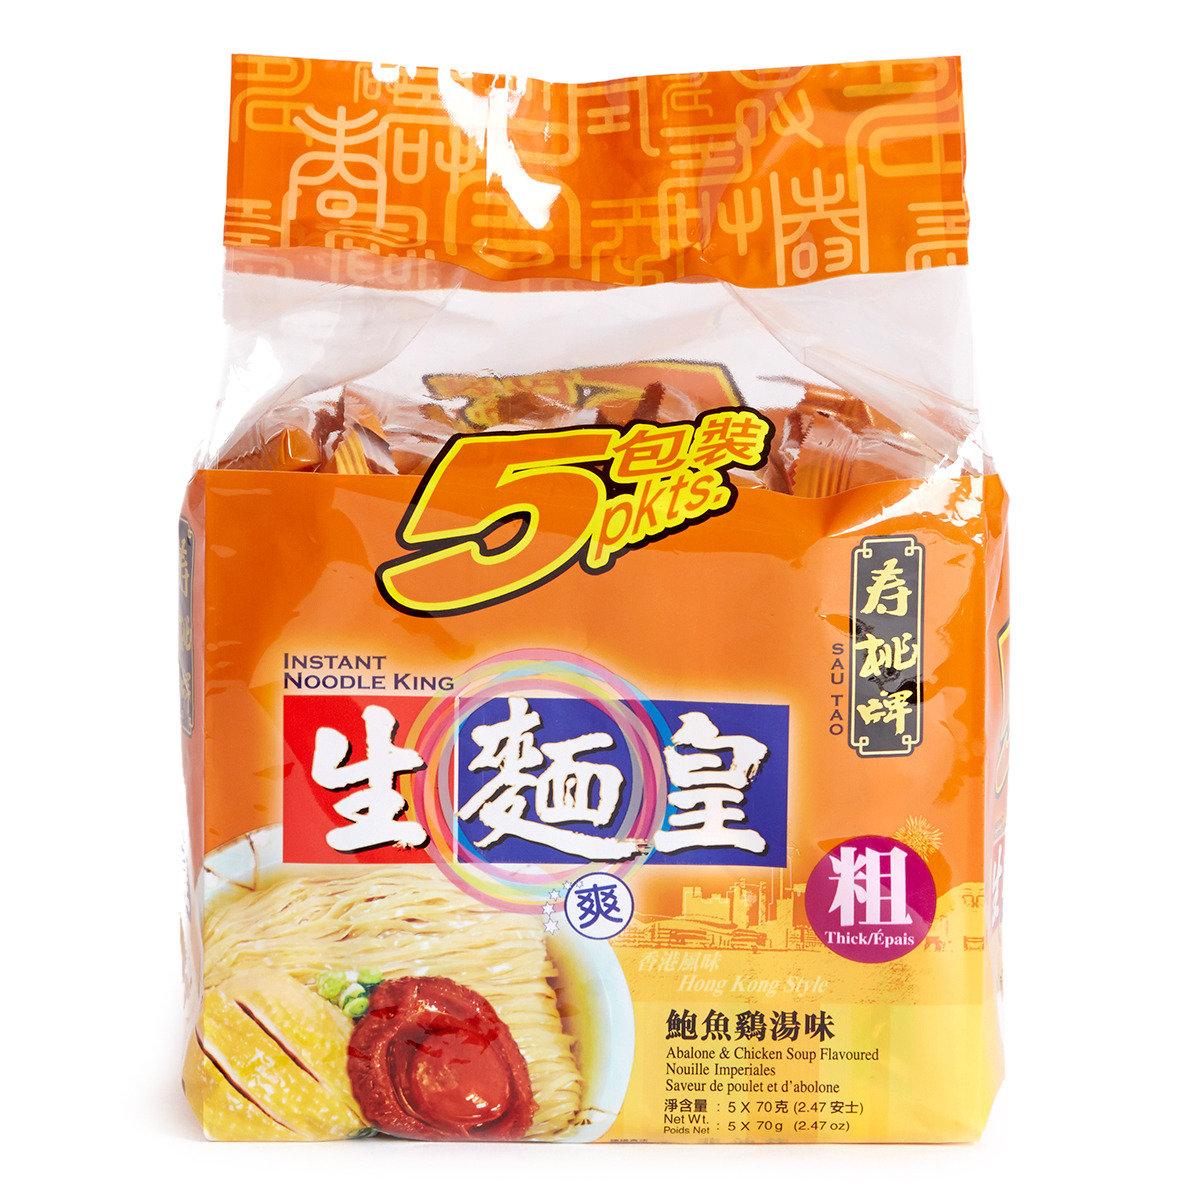 生麵皇 (粗) - 鮑魚雞湯味